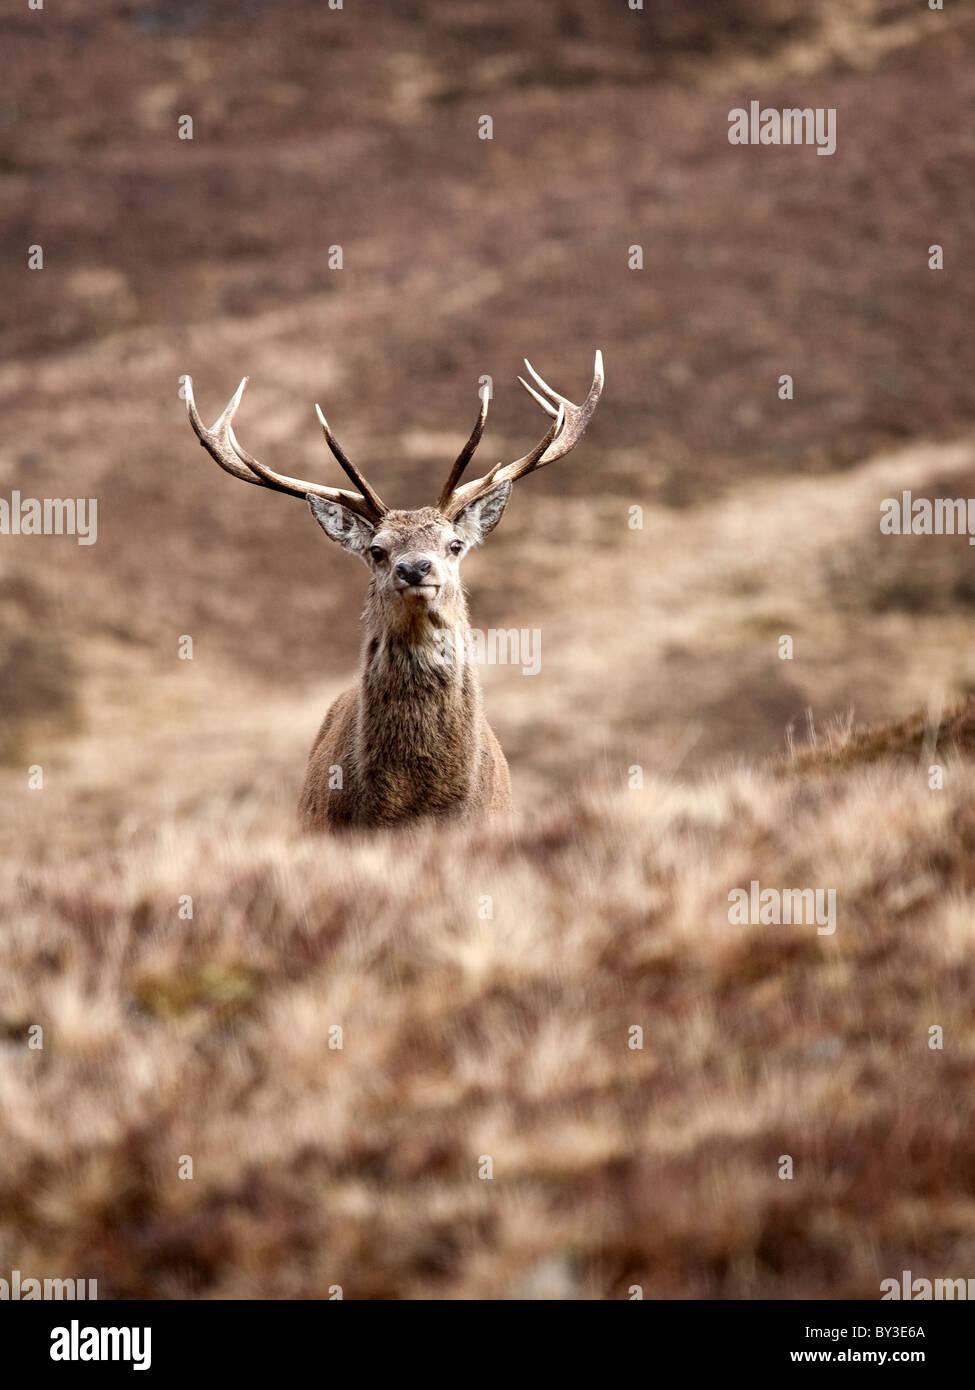 Red Deer Cervo Cervus elaphus da soli nelle Highlands scozzesi in una fredda giornata invernale nelle colline Immagini Stock